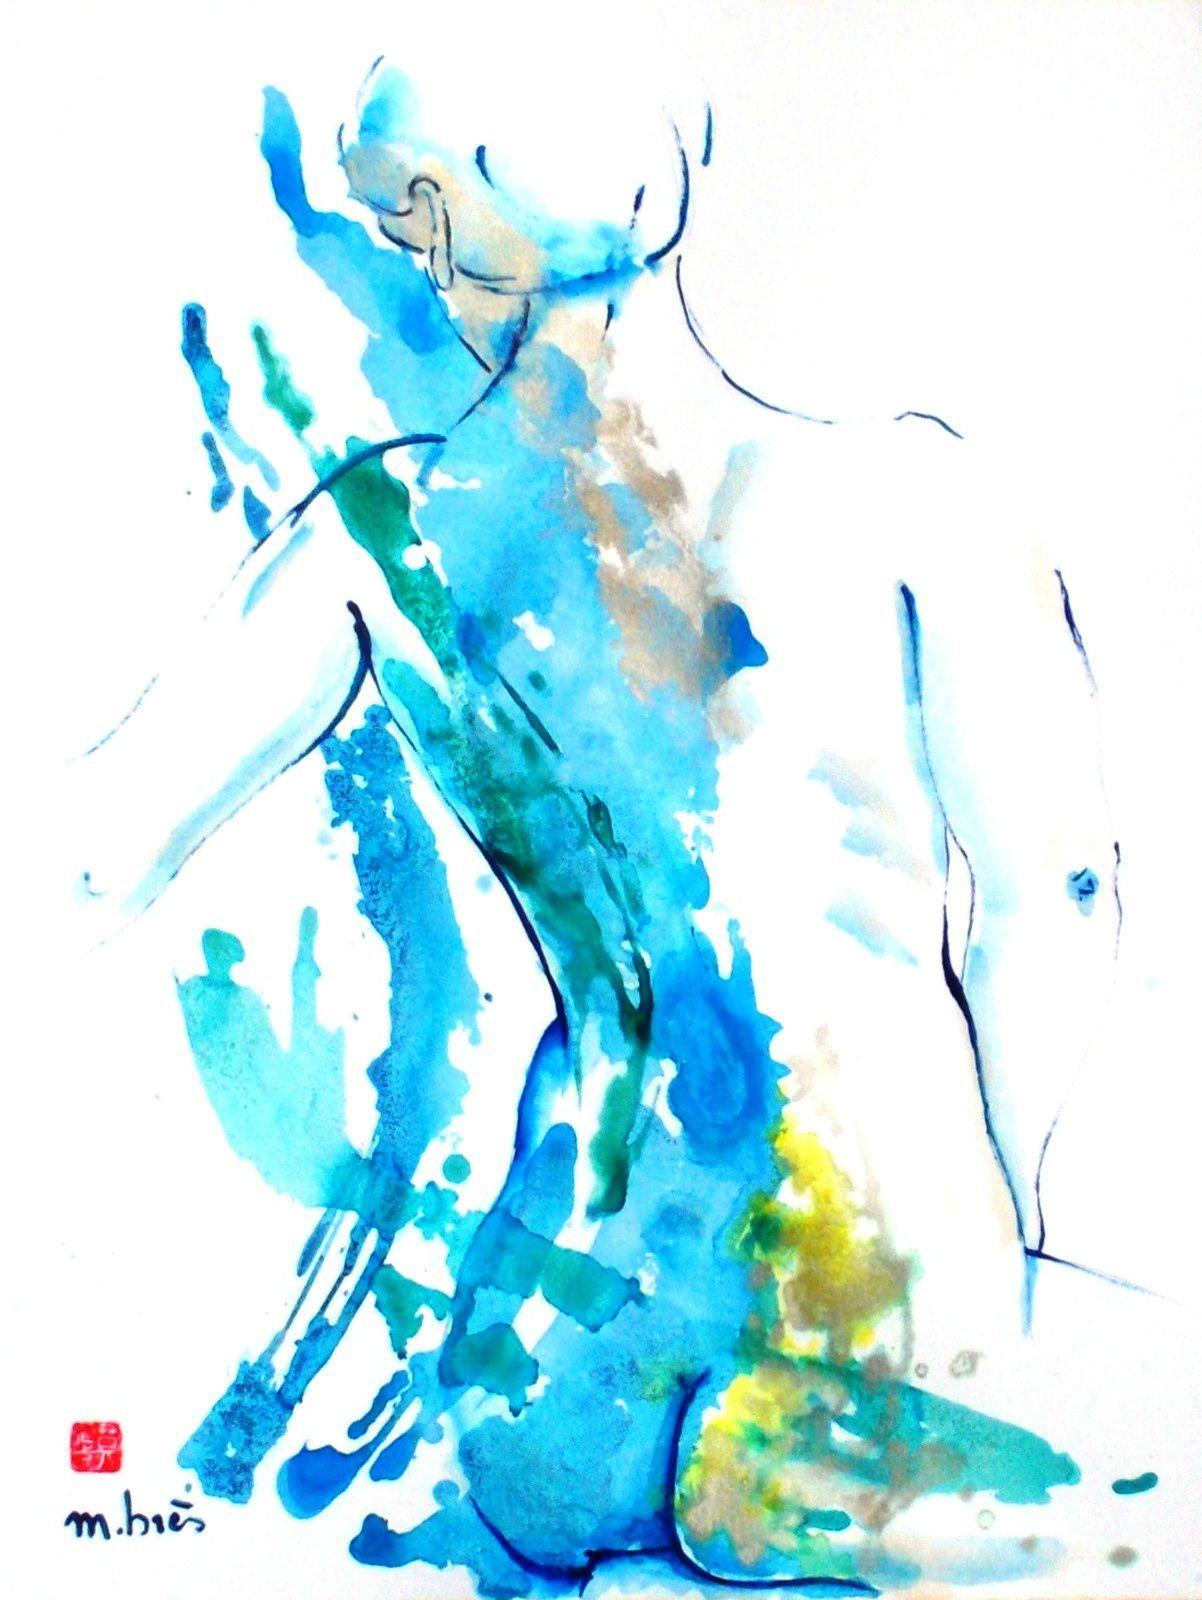 SONGEUSE - Encres sur papier - 50 x 65 cm